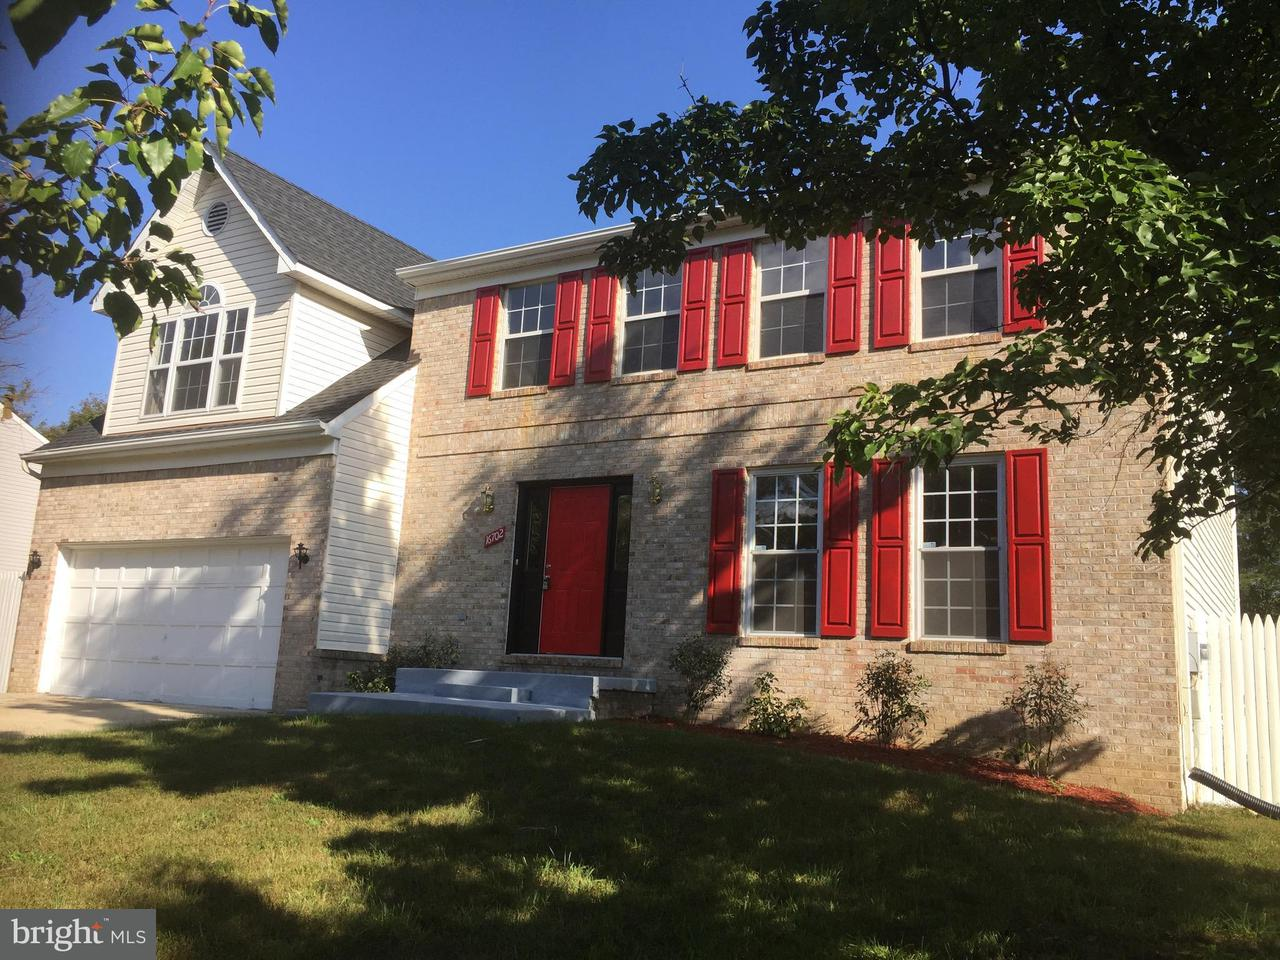 Частный односемейный дом для того Продажа на 16702 Holly Way 16702 Holly Way Accokeek, Мэриленд 20607 Соединенные Штаты